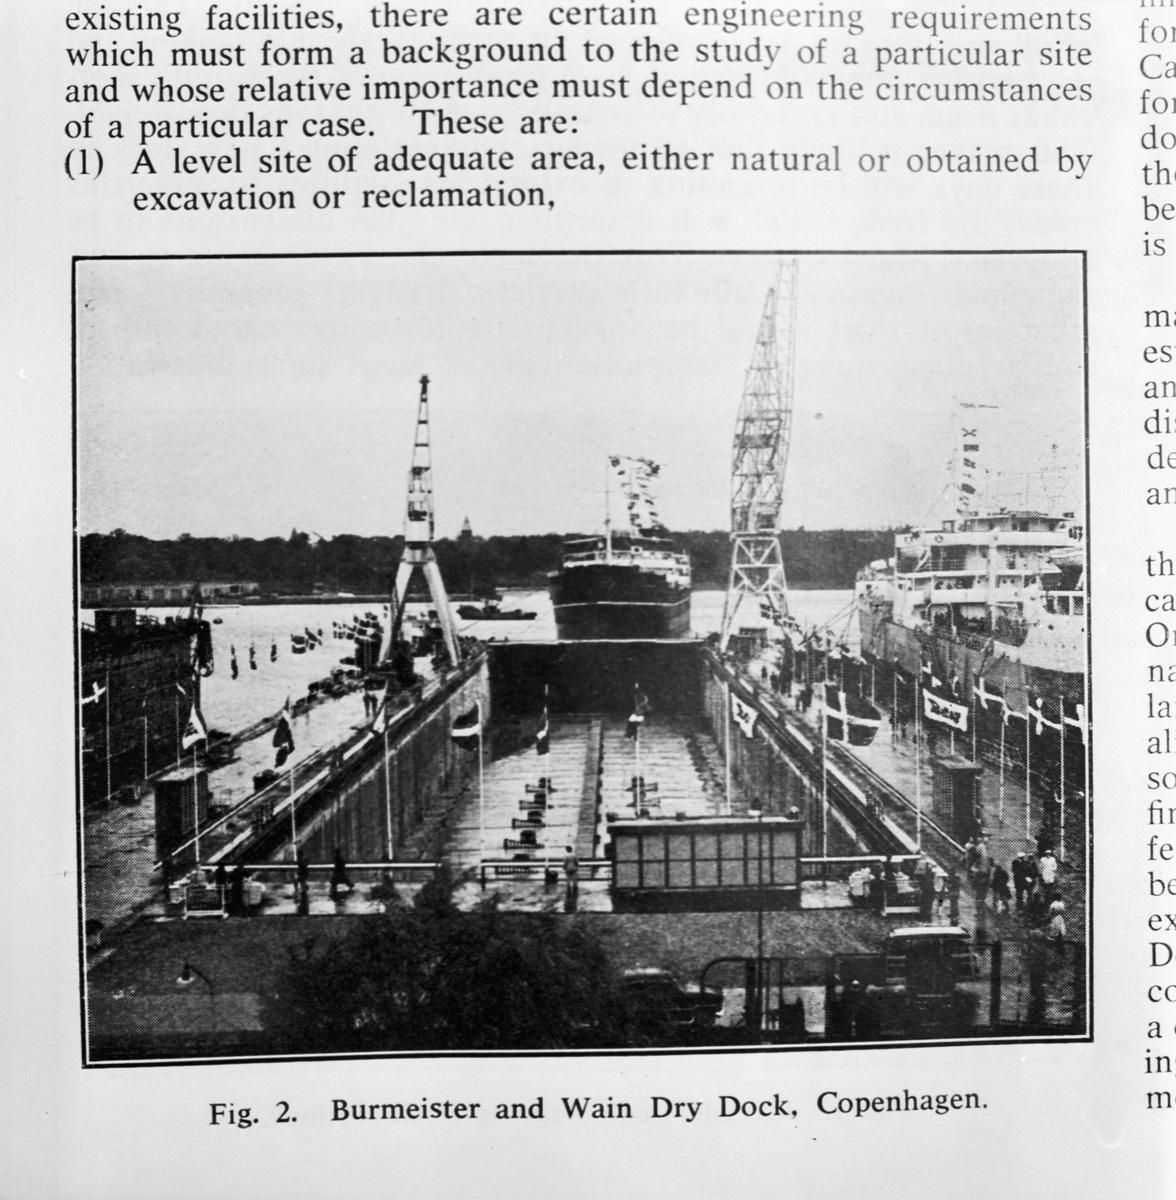 Övrigt: Foto datum: 31/7 1958 Byggnader och kranar Tidskrift